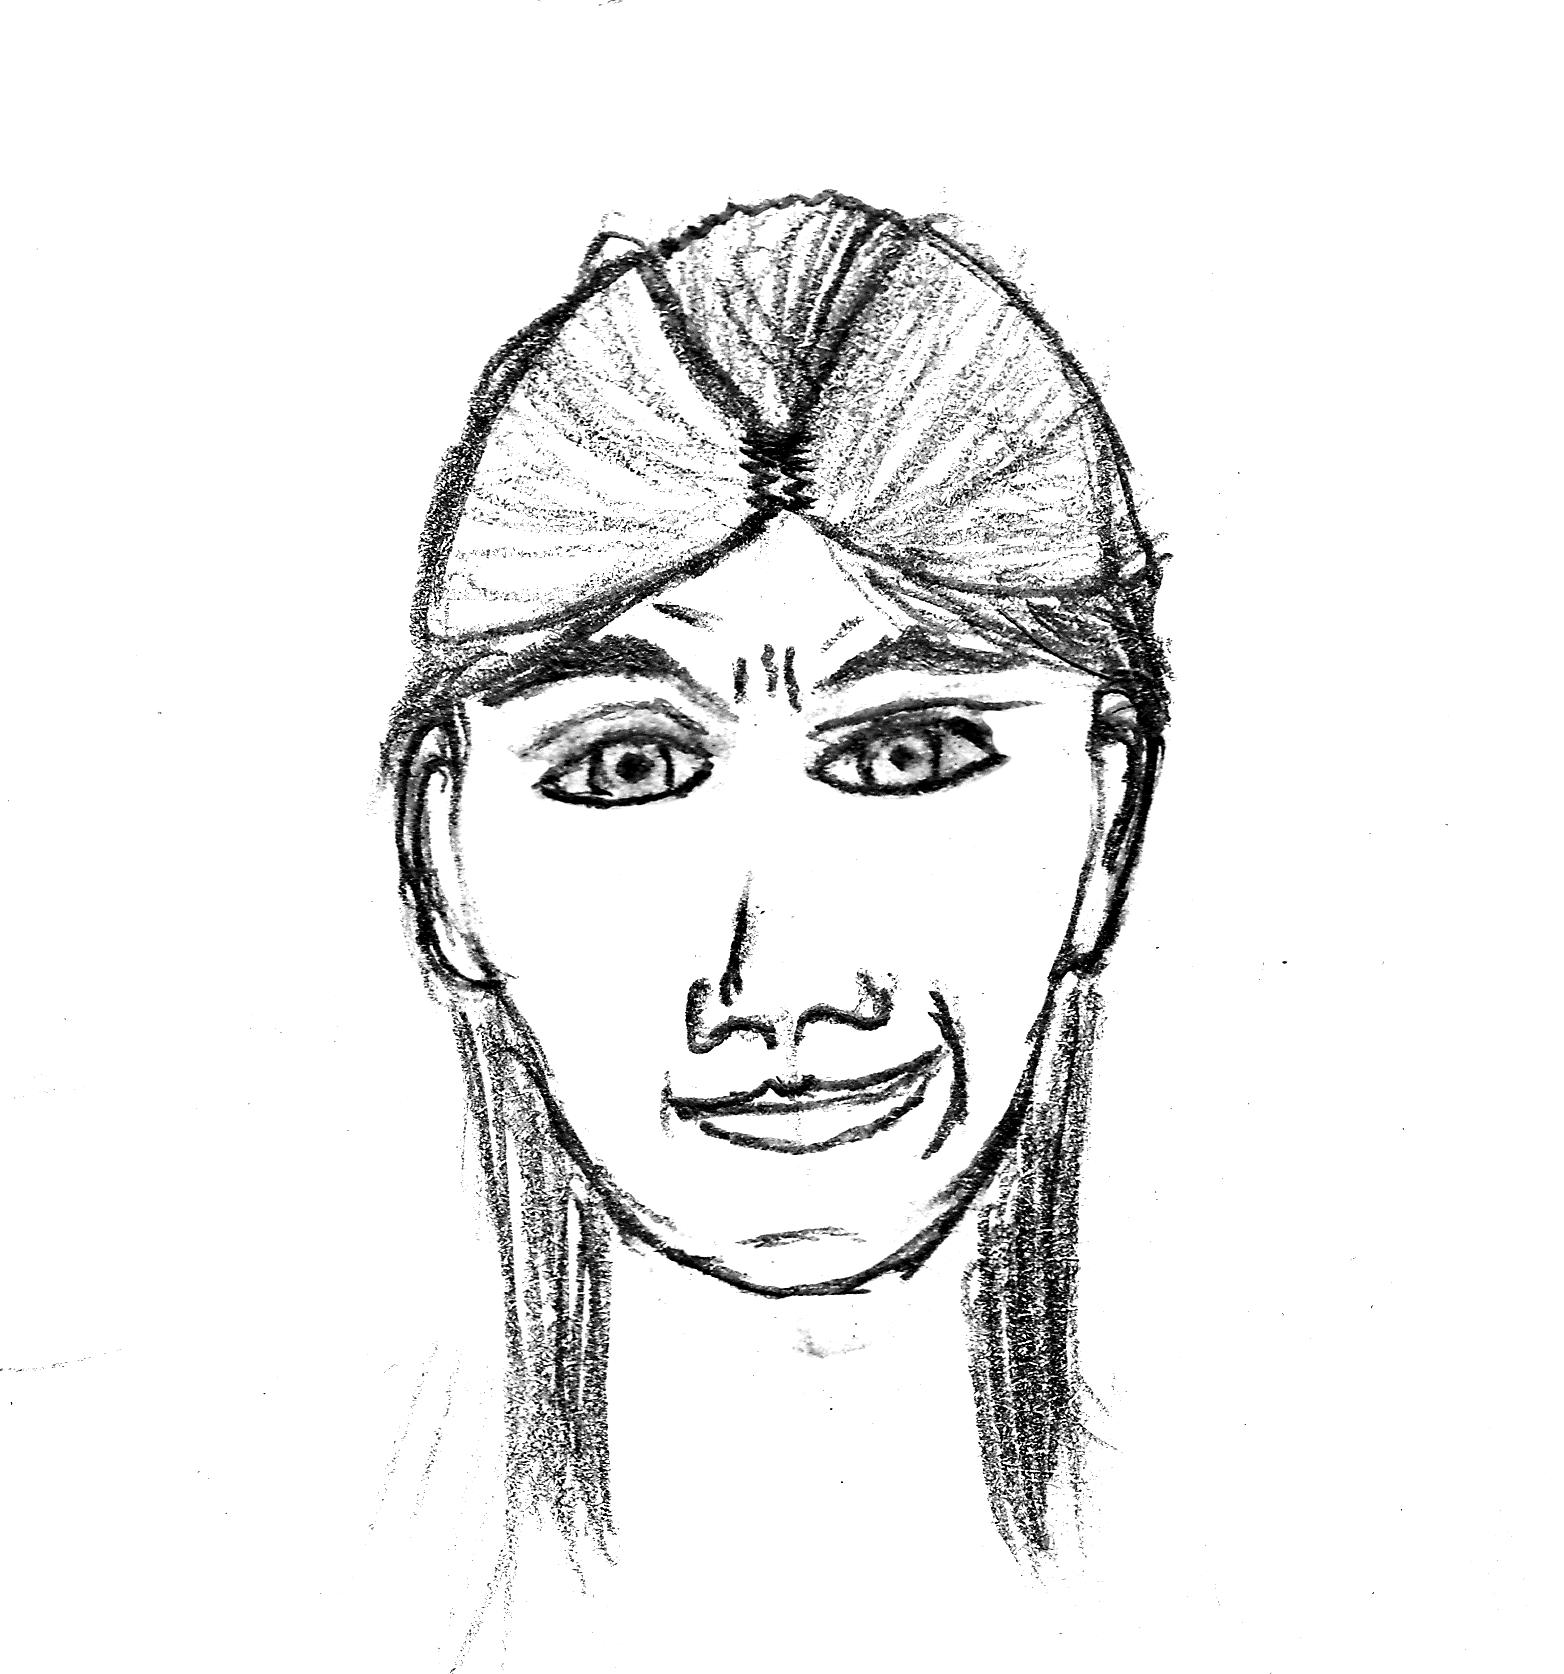 Armes_visage